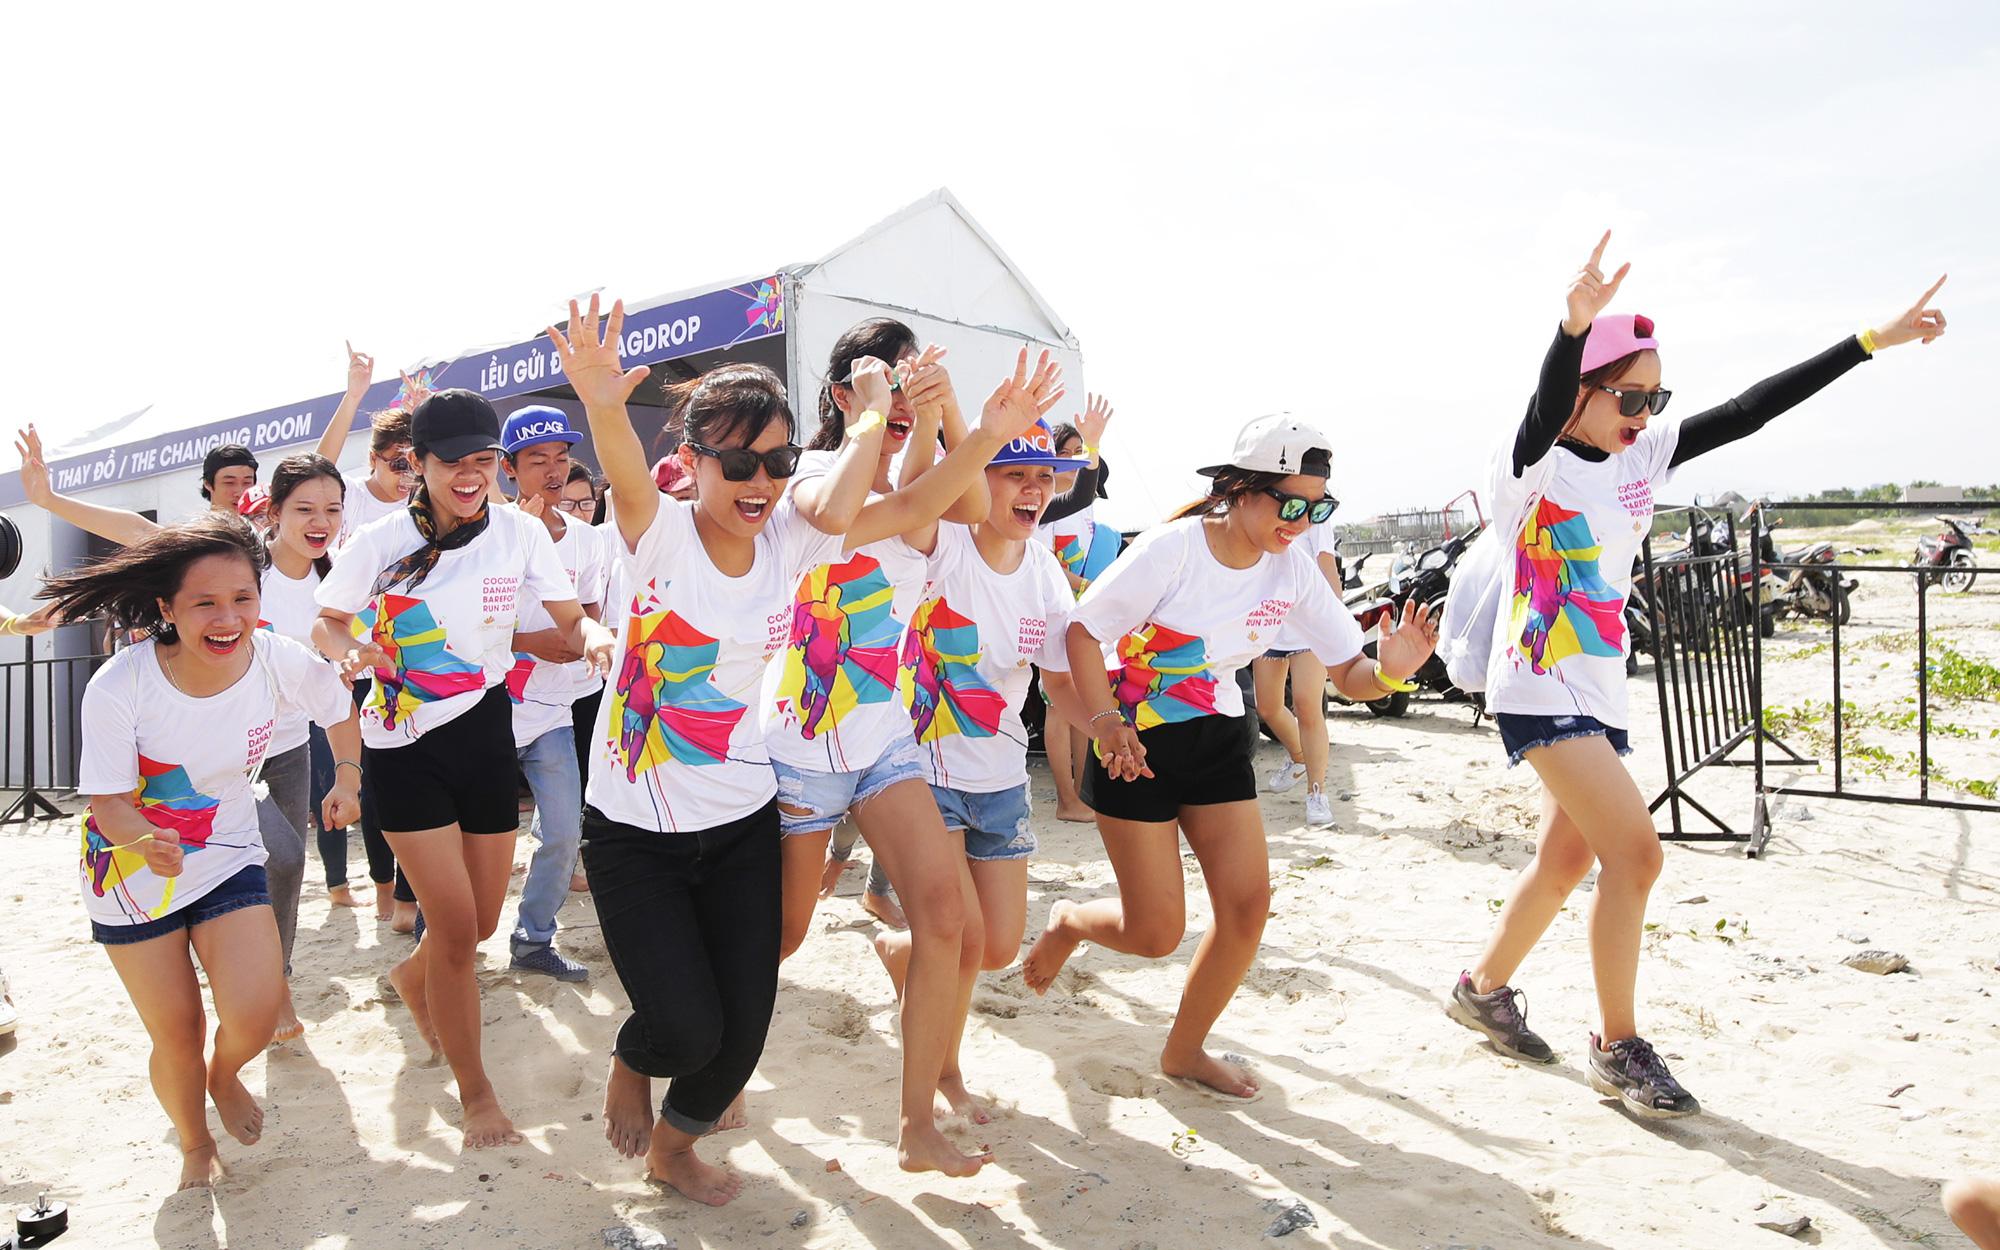 Cocofest 2016: Đã lâu rồi giới trẻ Đà Nẵng có một ngày vui và quẩy hết mình đến thế này!